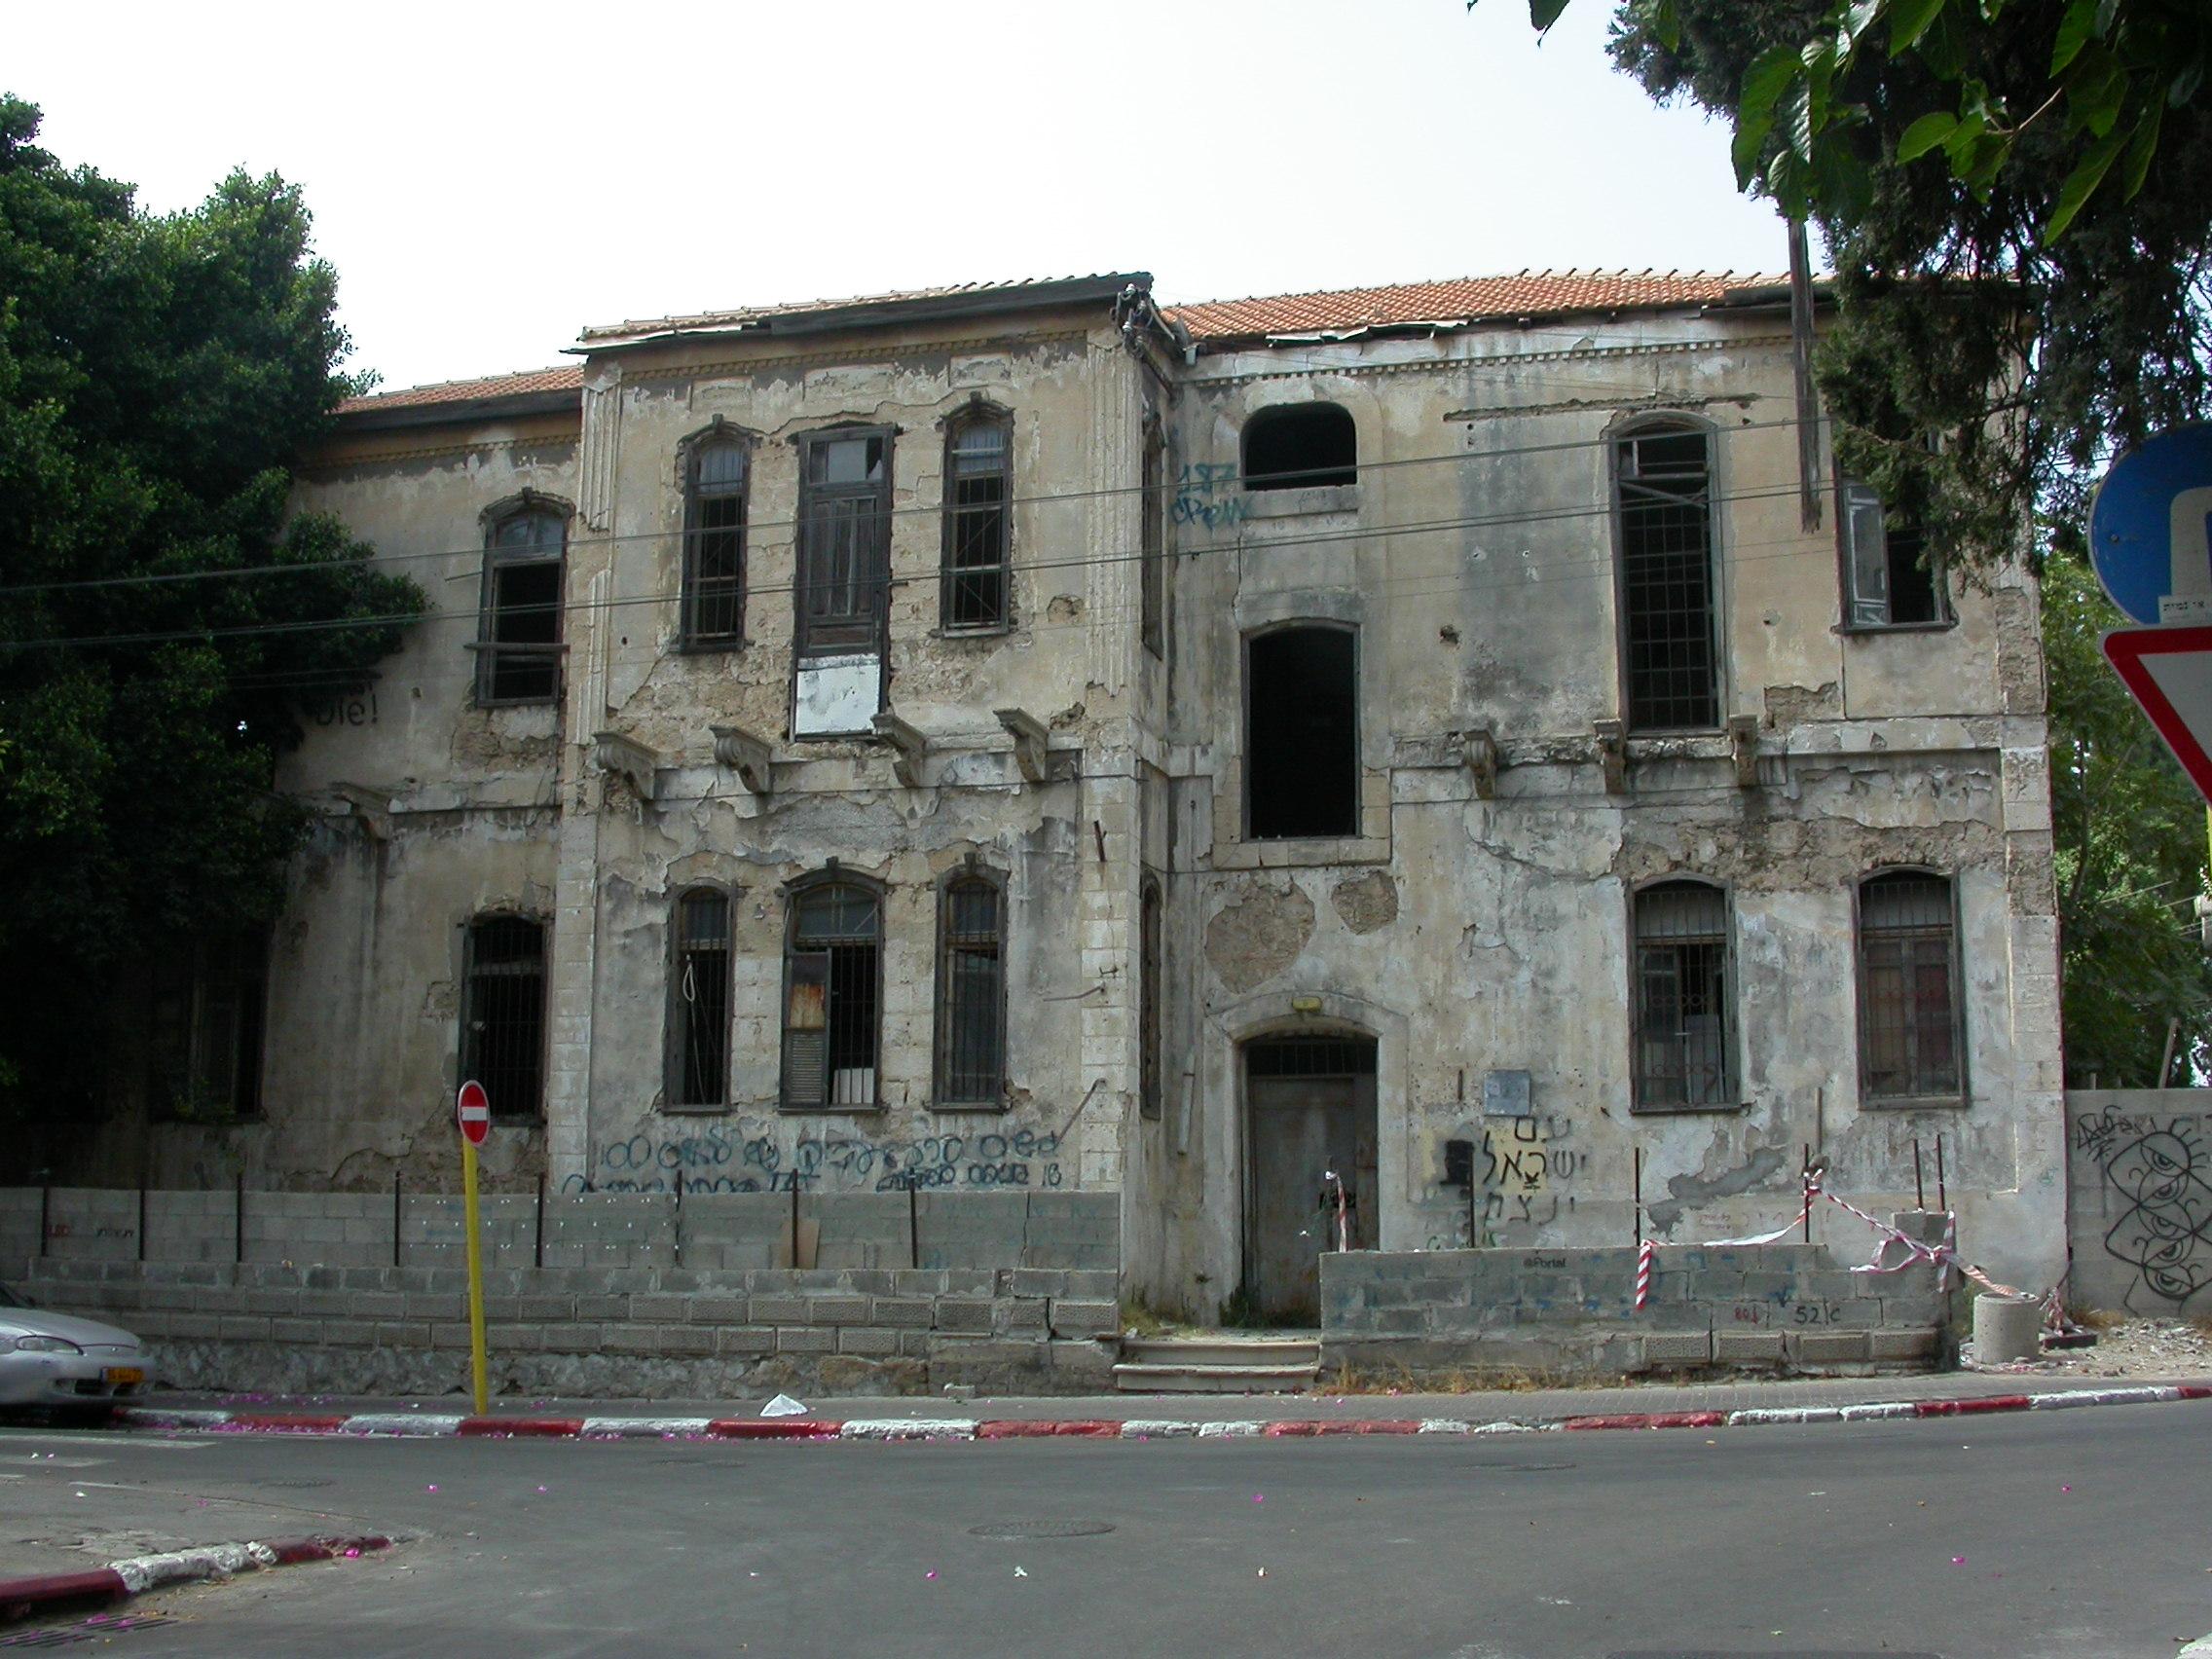 Alkonin Hotel, Tel Aviv's First Hotel